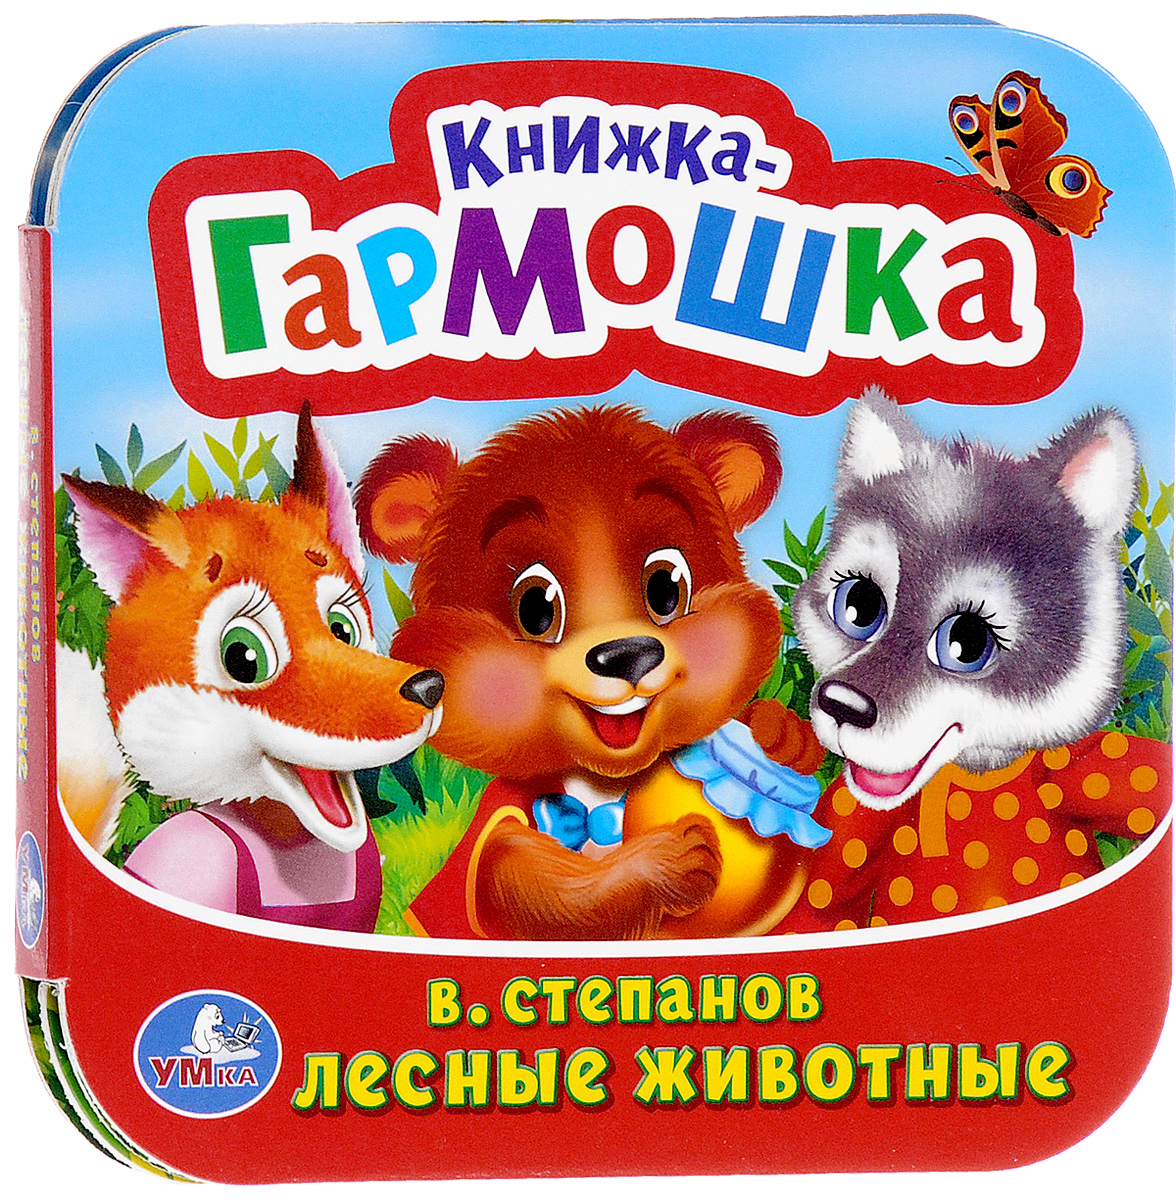 В. Степанов Лесные животные животные полюсов книжка гармошка